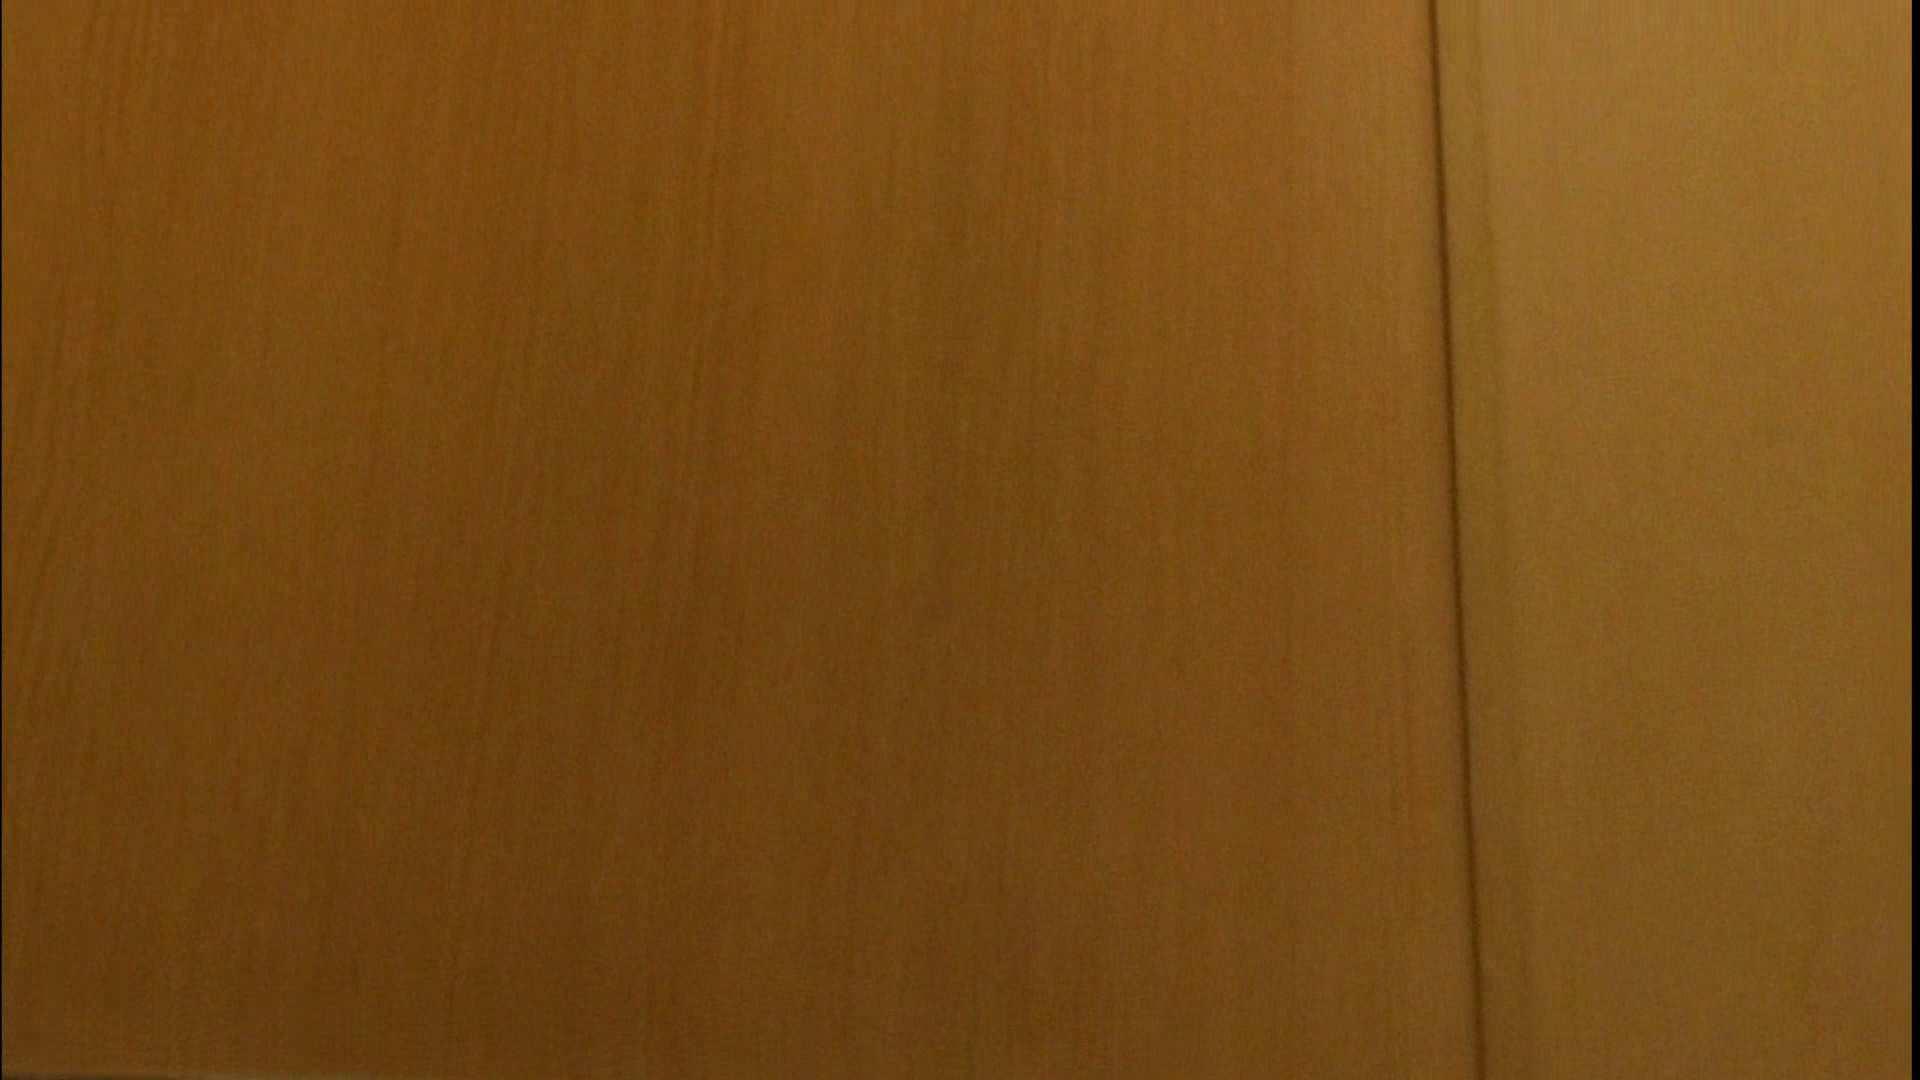 隣国化粧室下から御免!! No.13 美女  109画像 12